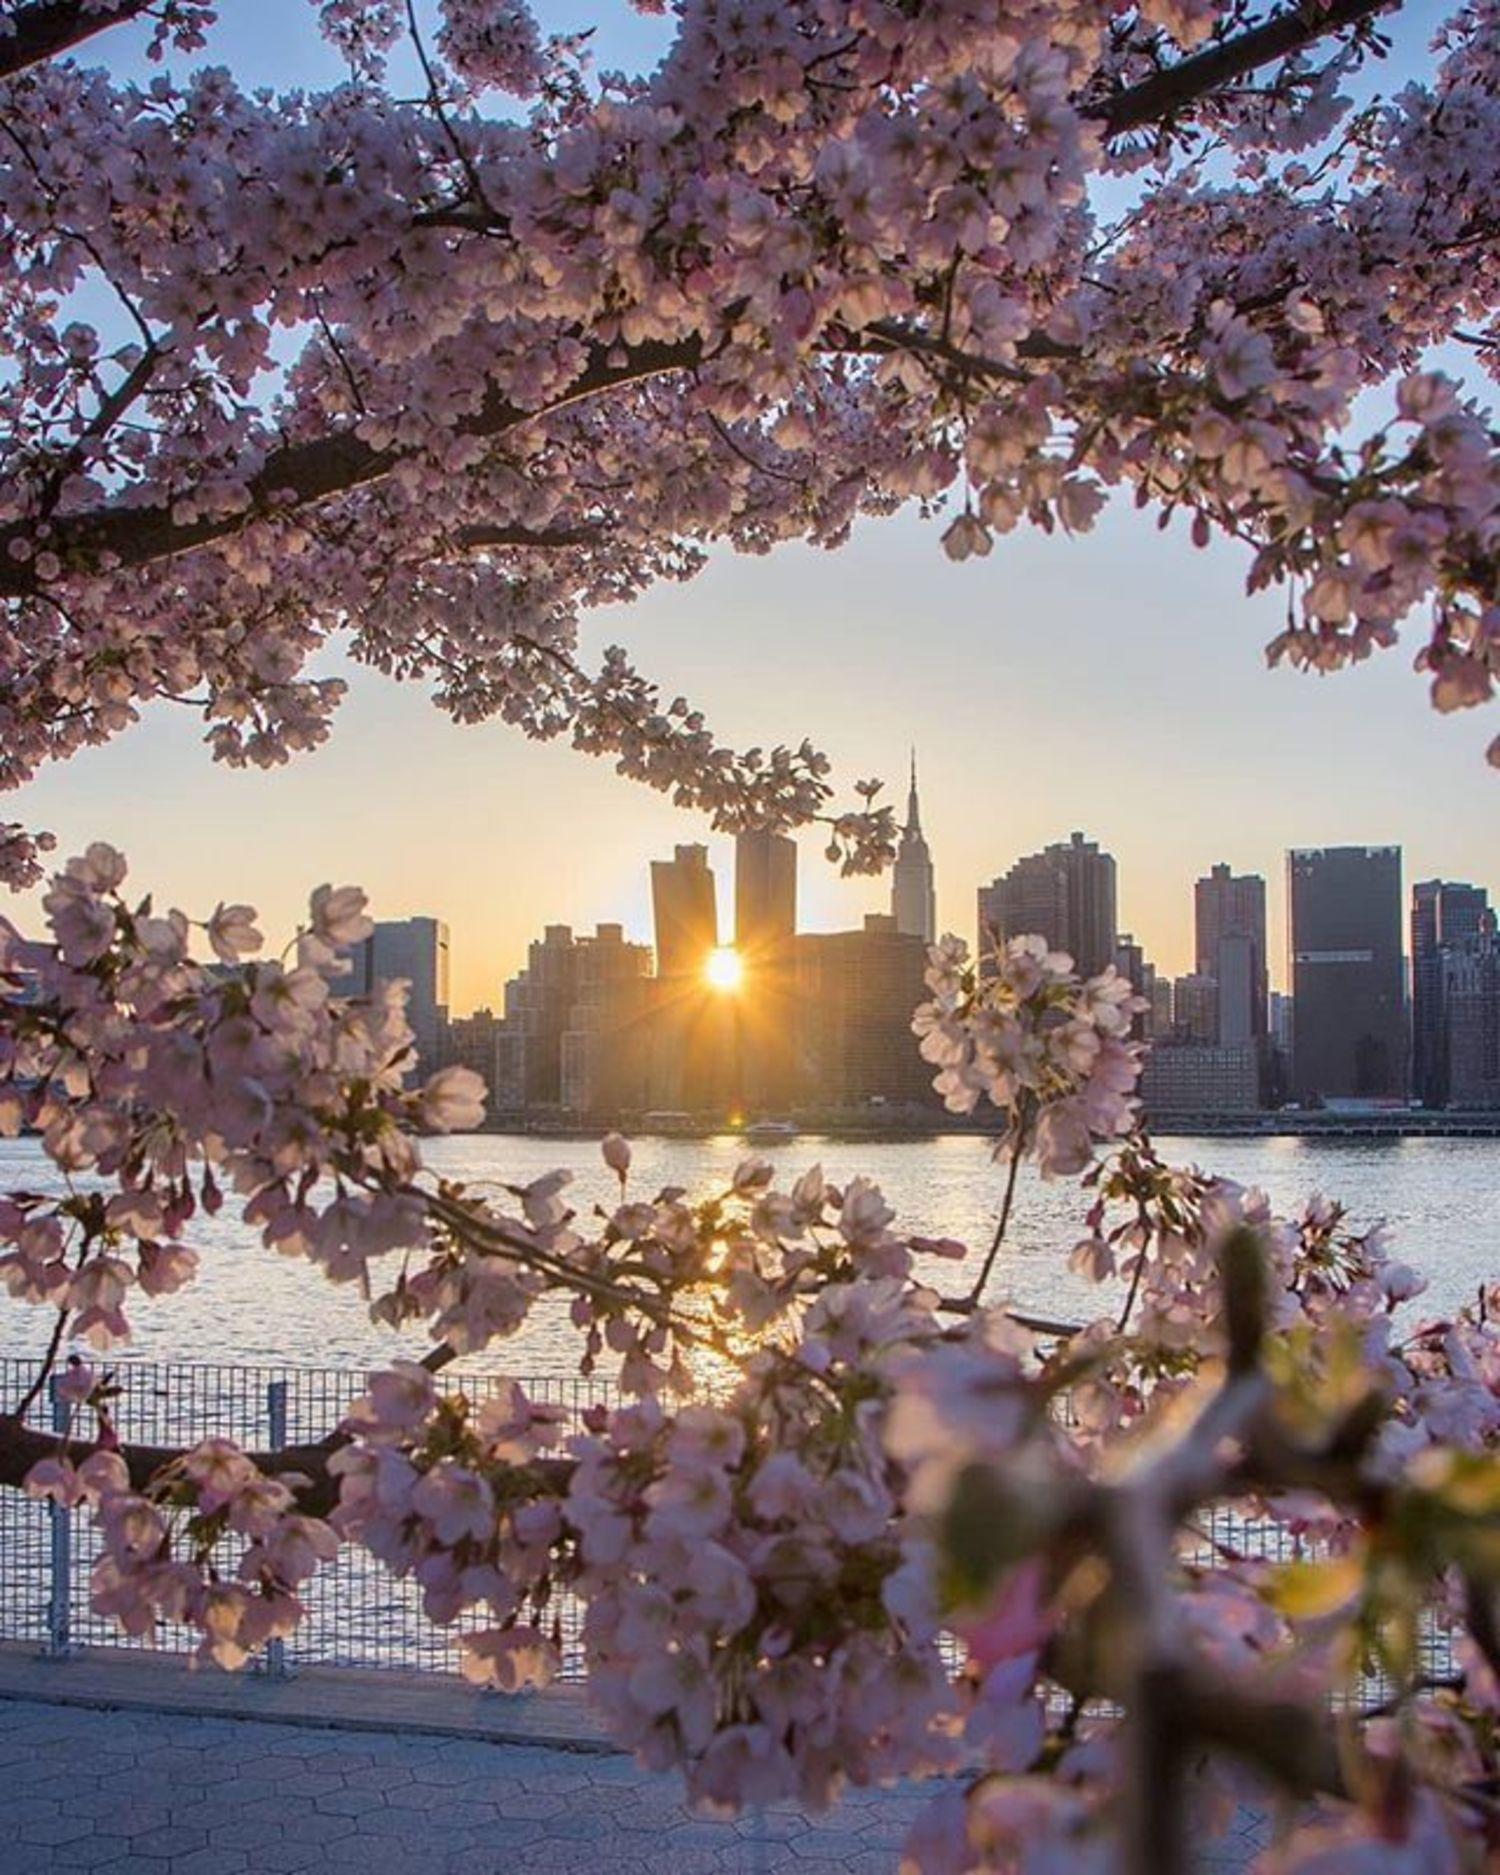 New York, New York. Photo via @maximusupinnyc #viewingnyc #newyork #newyorkcity #nyc